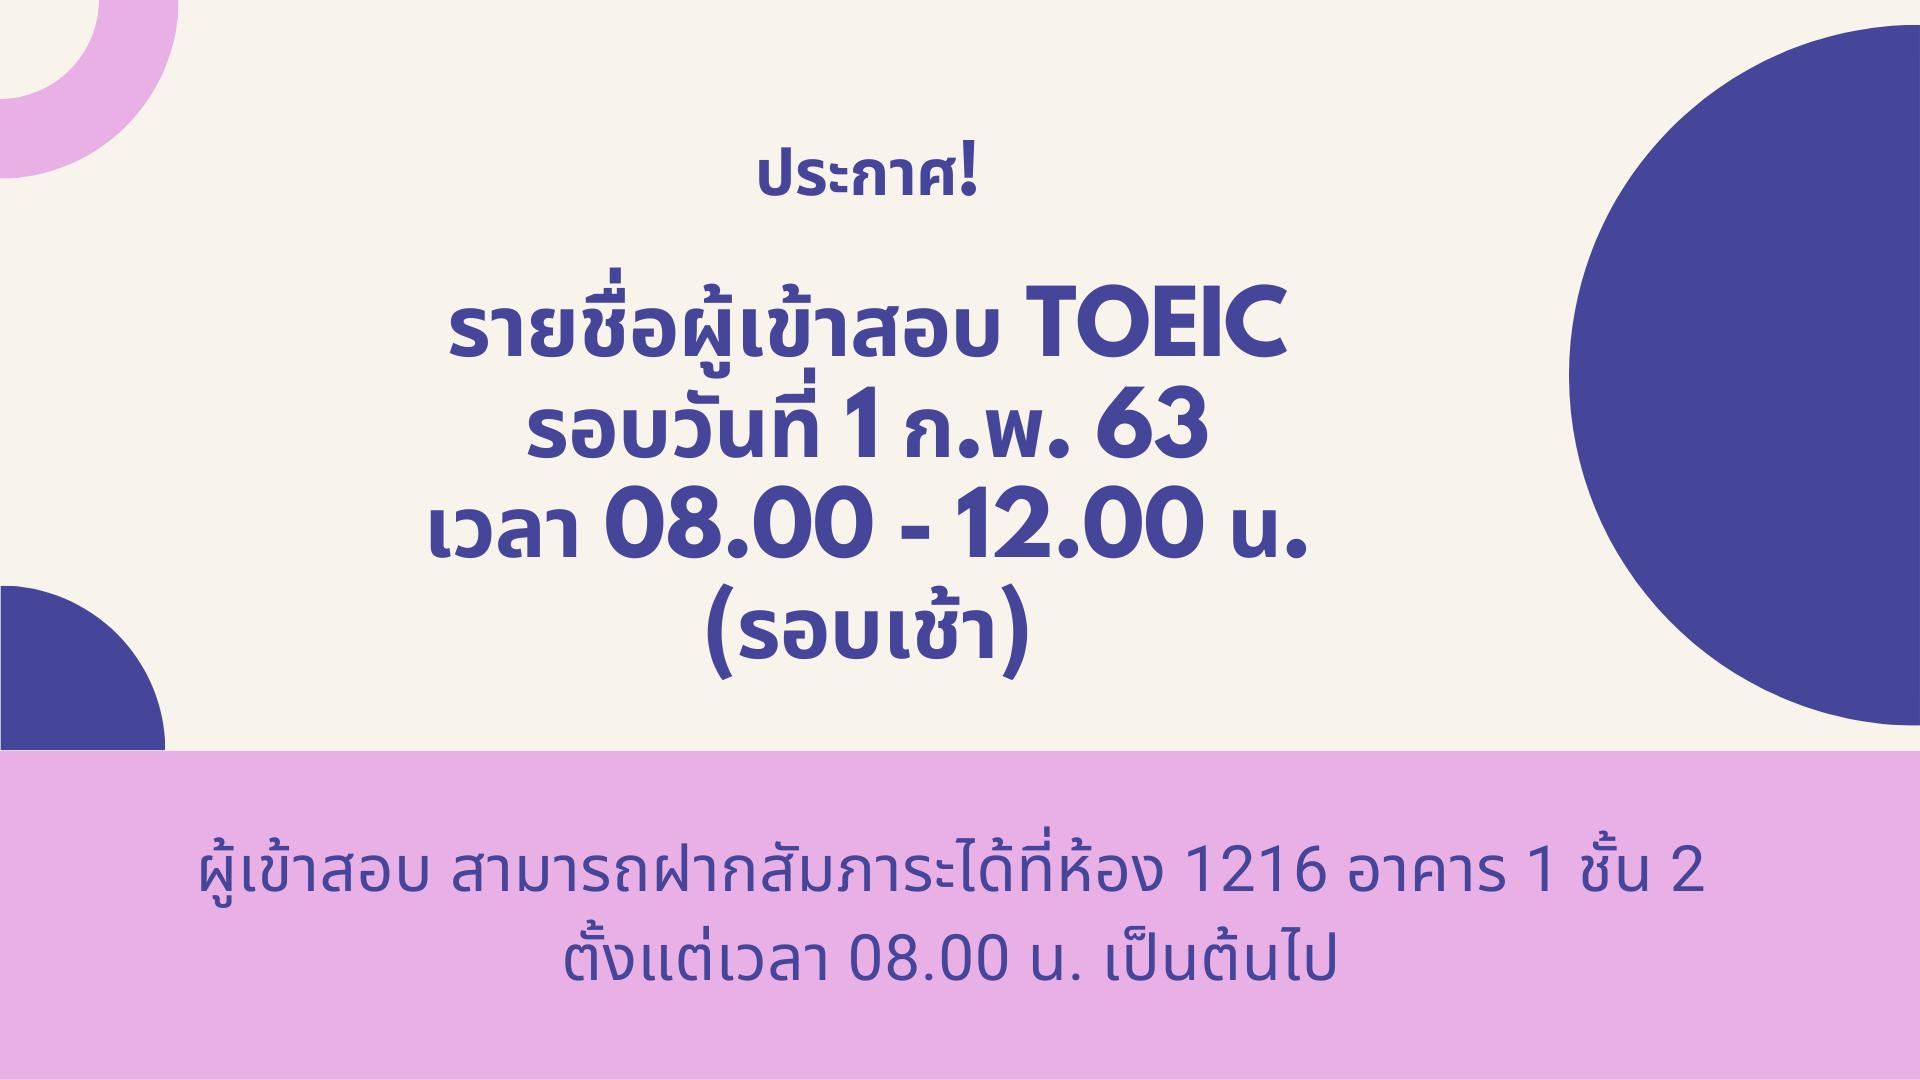 ประกาศ! รายชื่อผู้เข้าสอบ TOEIC วันที่ 1 กุมภาพันธ์ 2563 (รอบเช้า)